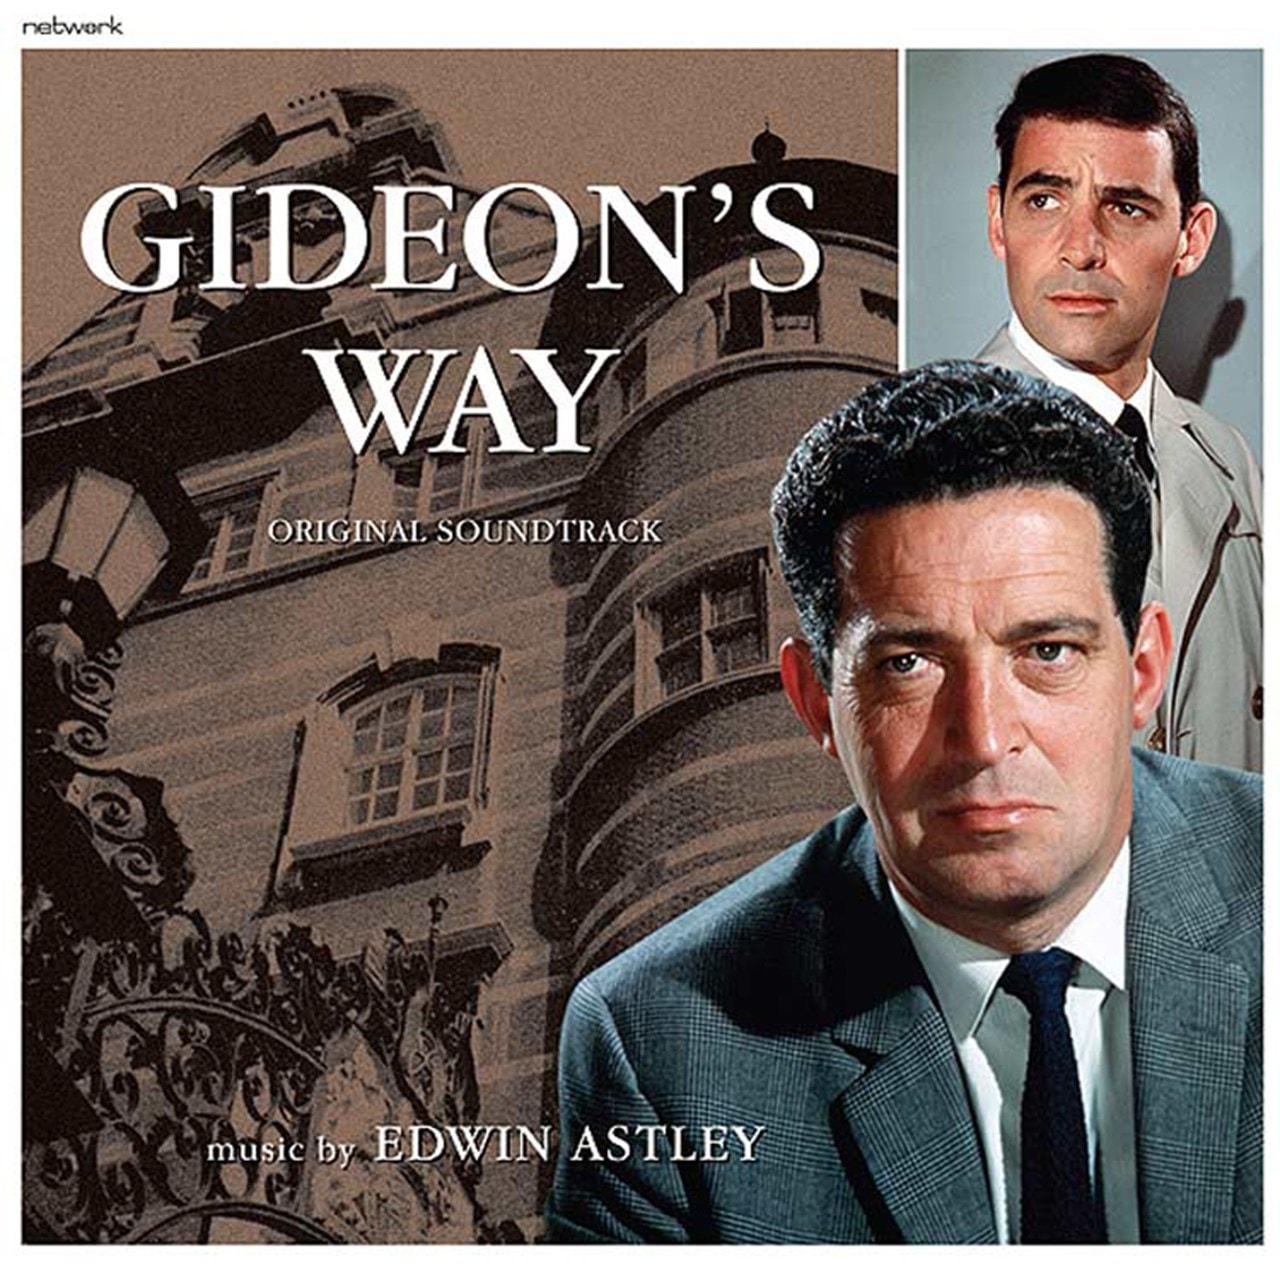 Gideon's Way - 1